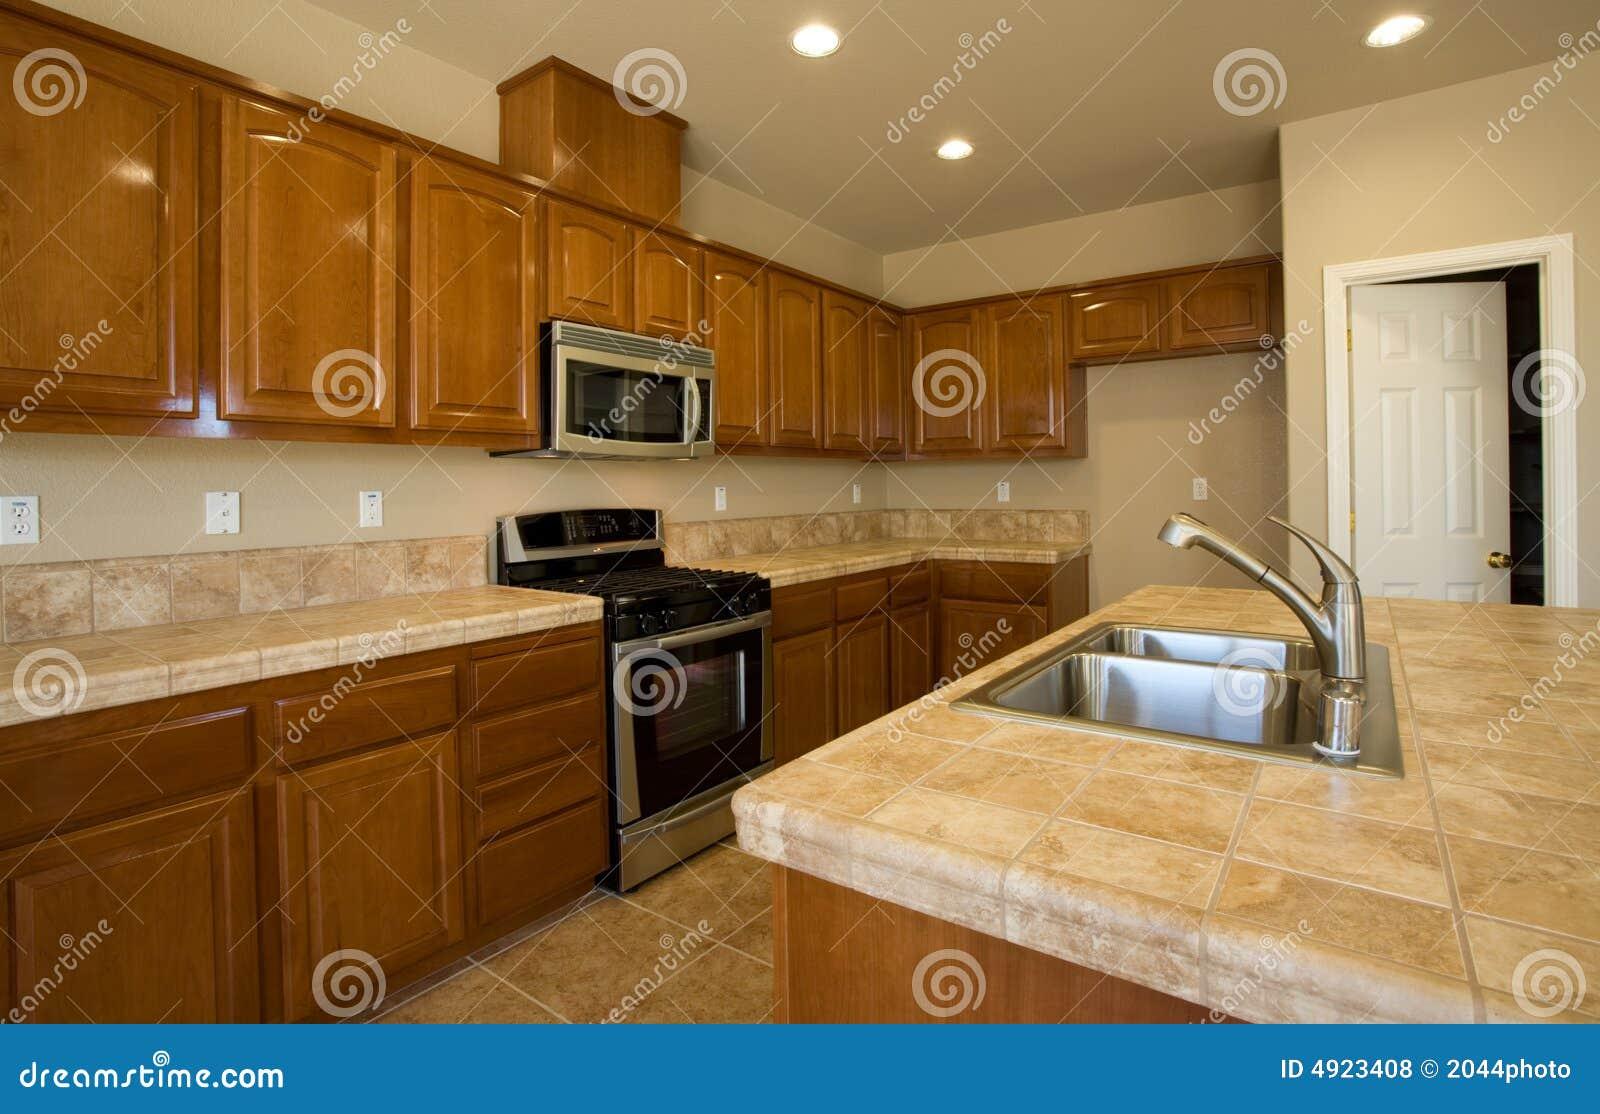 Nuevo o remodele la cocina residencial foto de archivo - Precios de azulejos para cocina ...